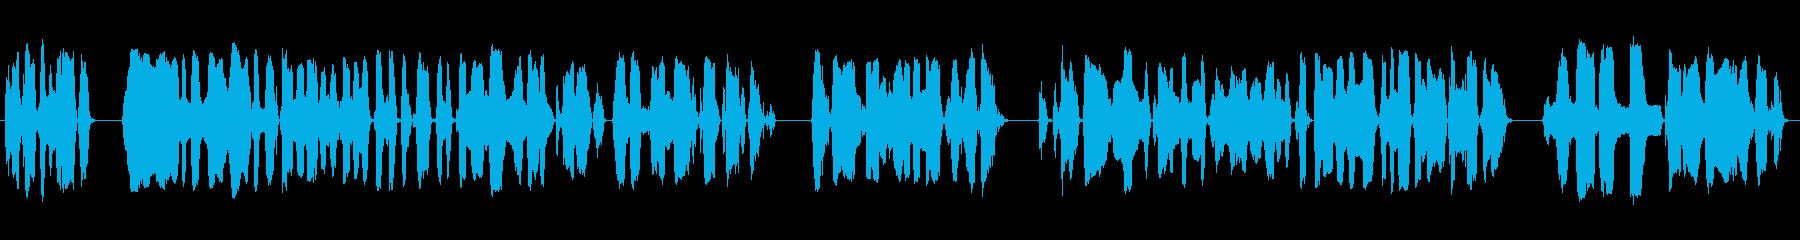 放送アナウンサー、男性の声:一般的...の再生済みの波形